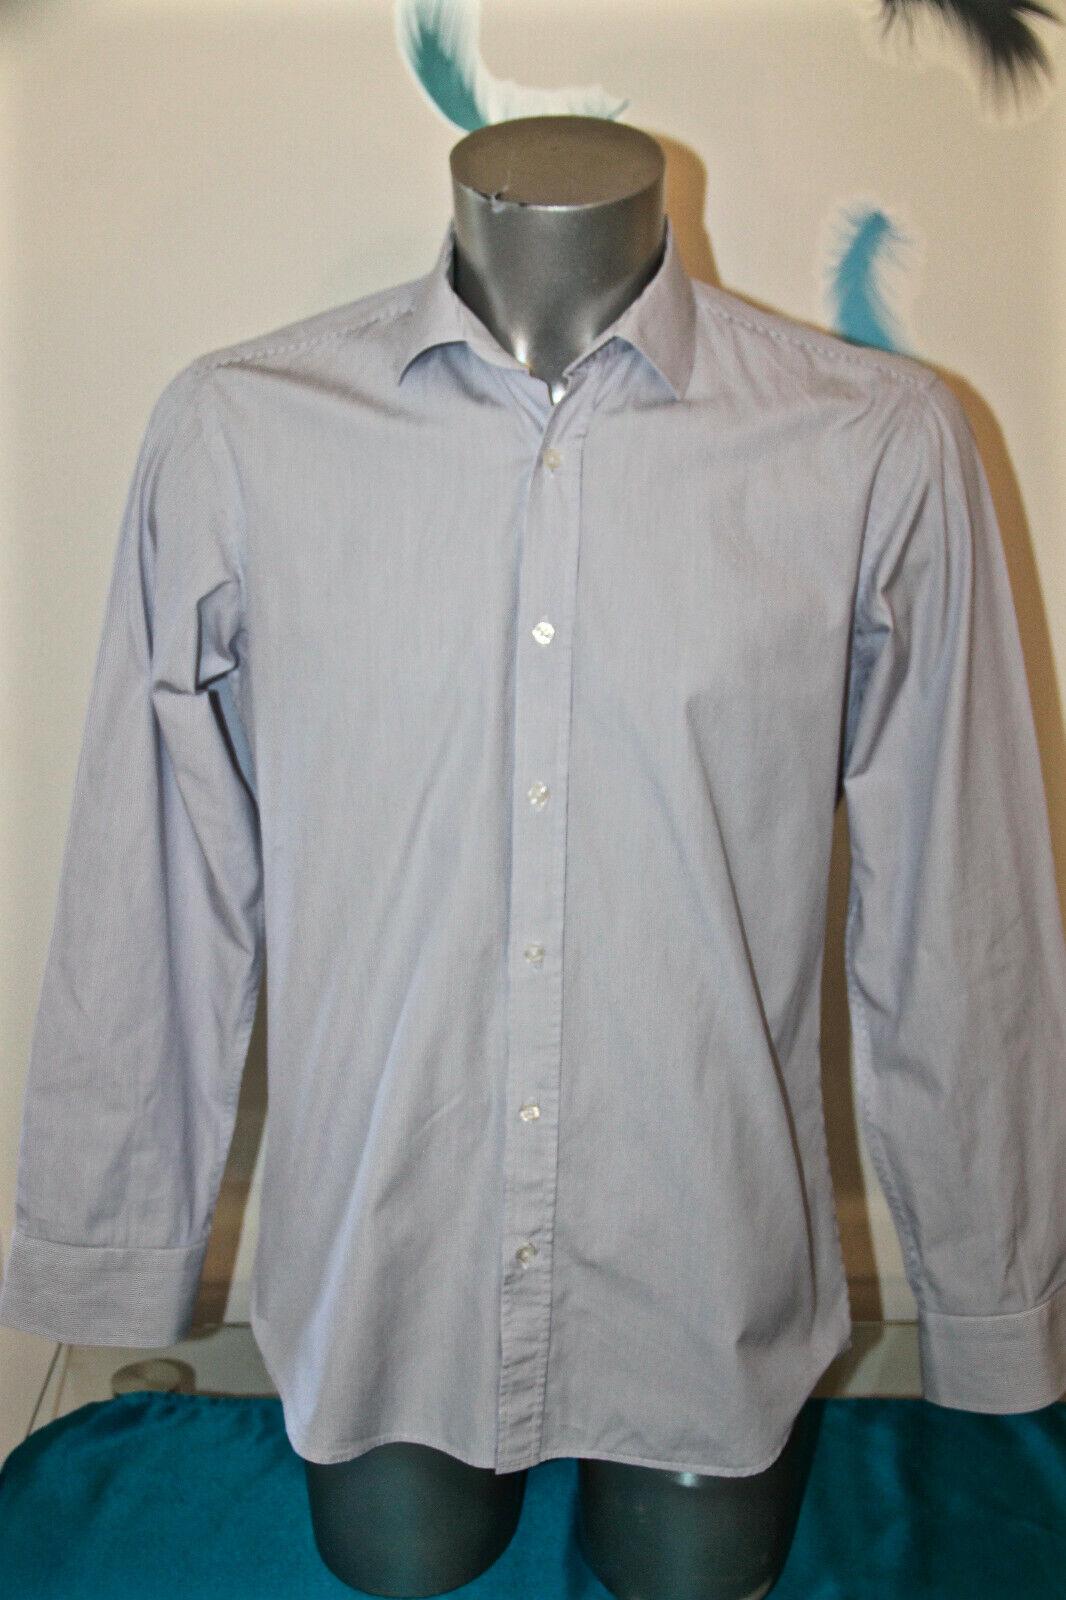 Luxuriöse Shirt Geringelt Blau Danyberd Größe 39-40 (S) wie Neu